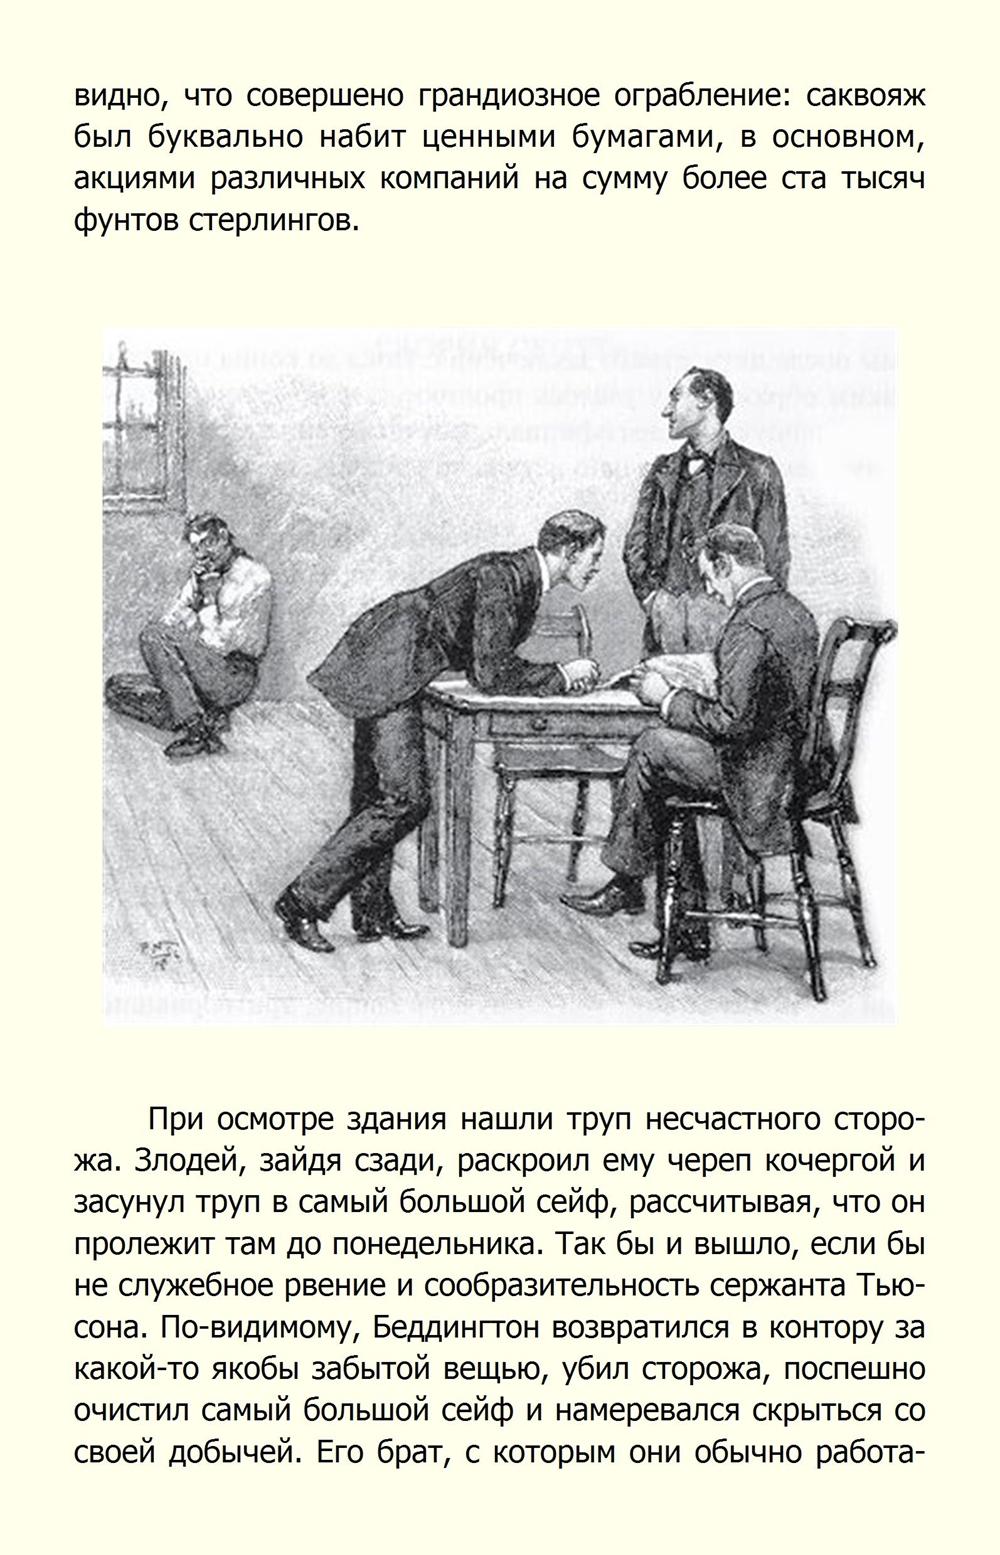 http://ipic.su/img/img7/fs/ArturKonanDojl.1579349035.jpg